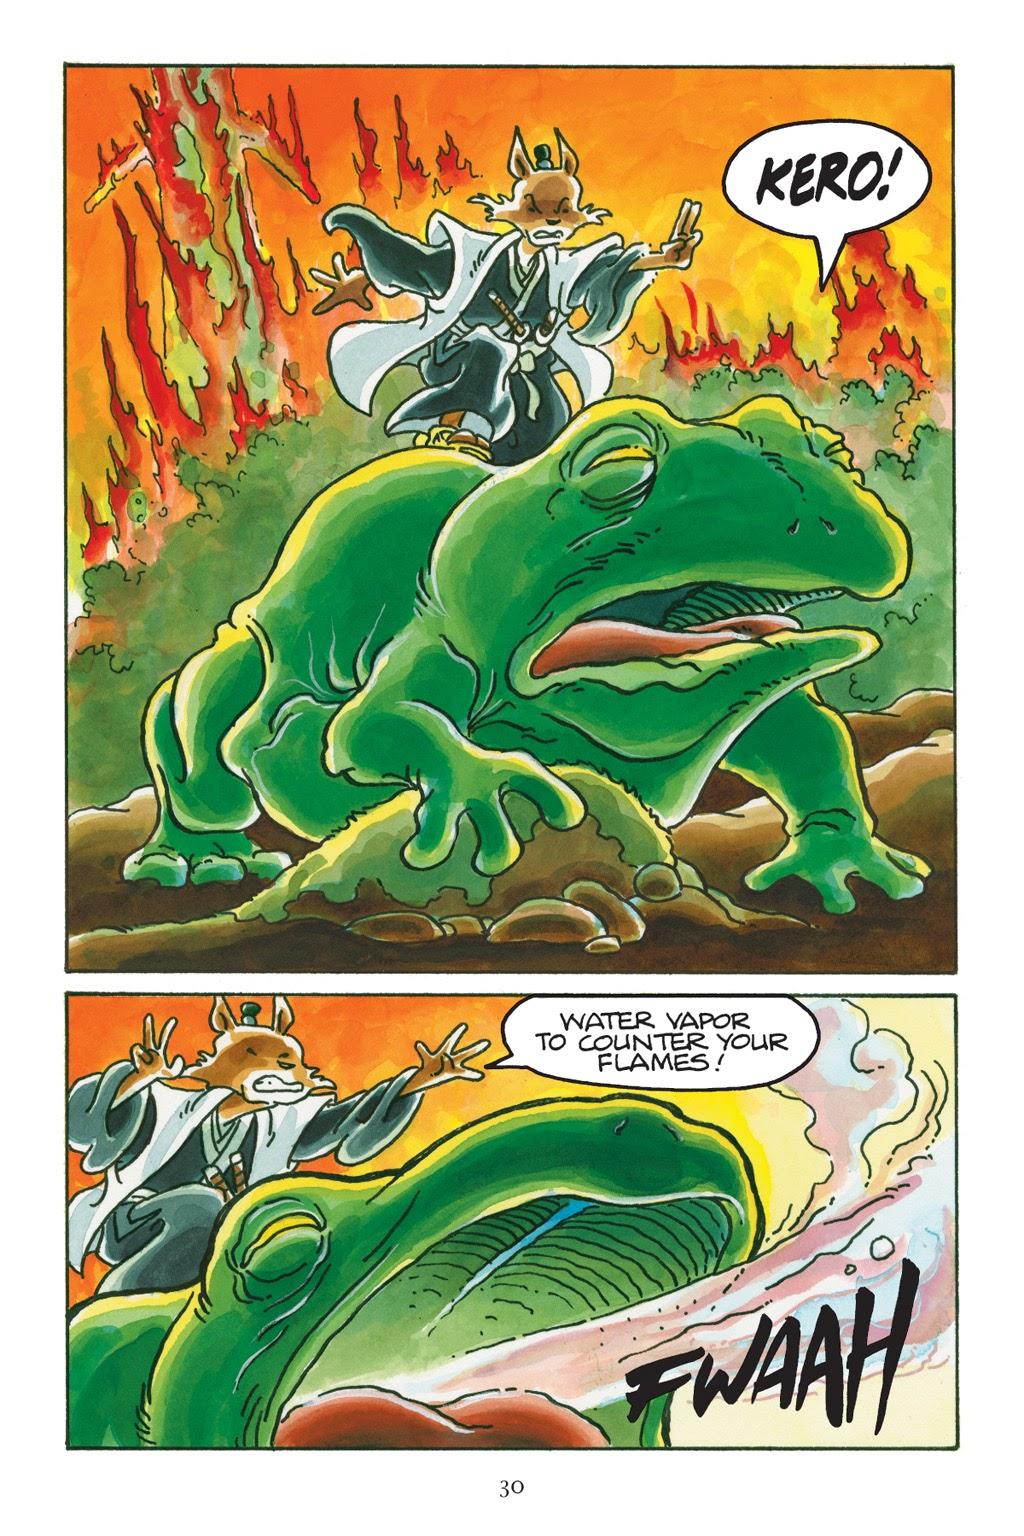 Read online Usagi Yojimbo: Yokai comic -  Issue # Full - 30